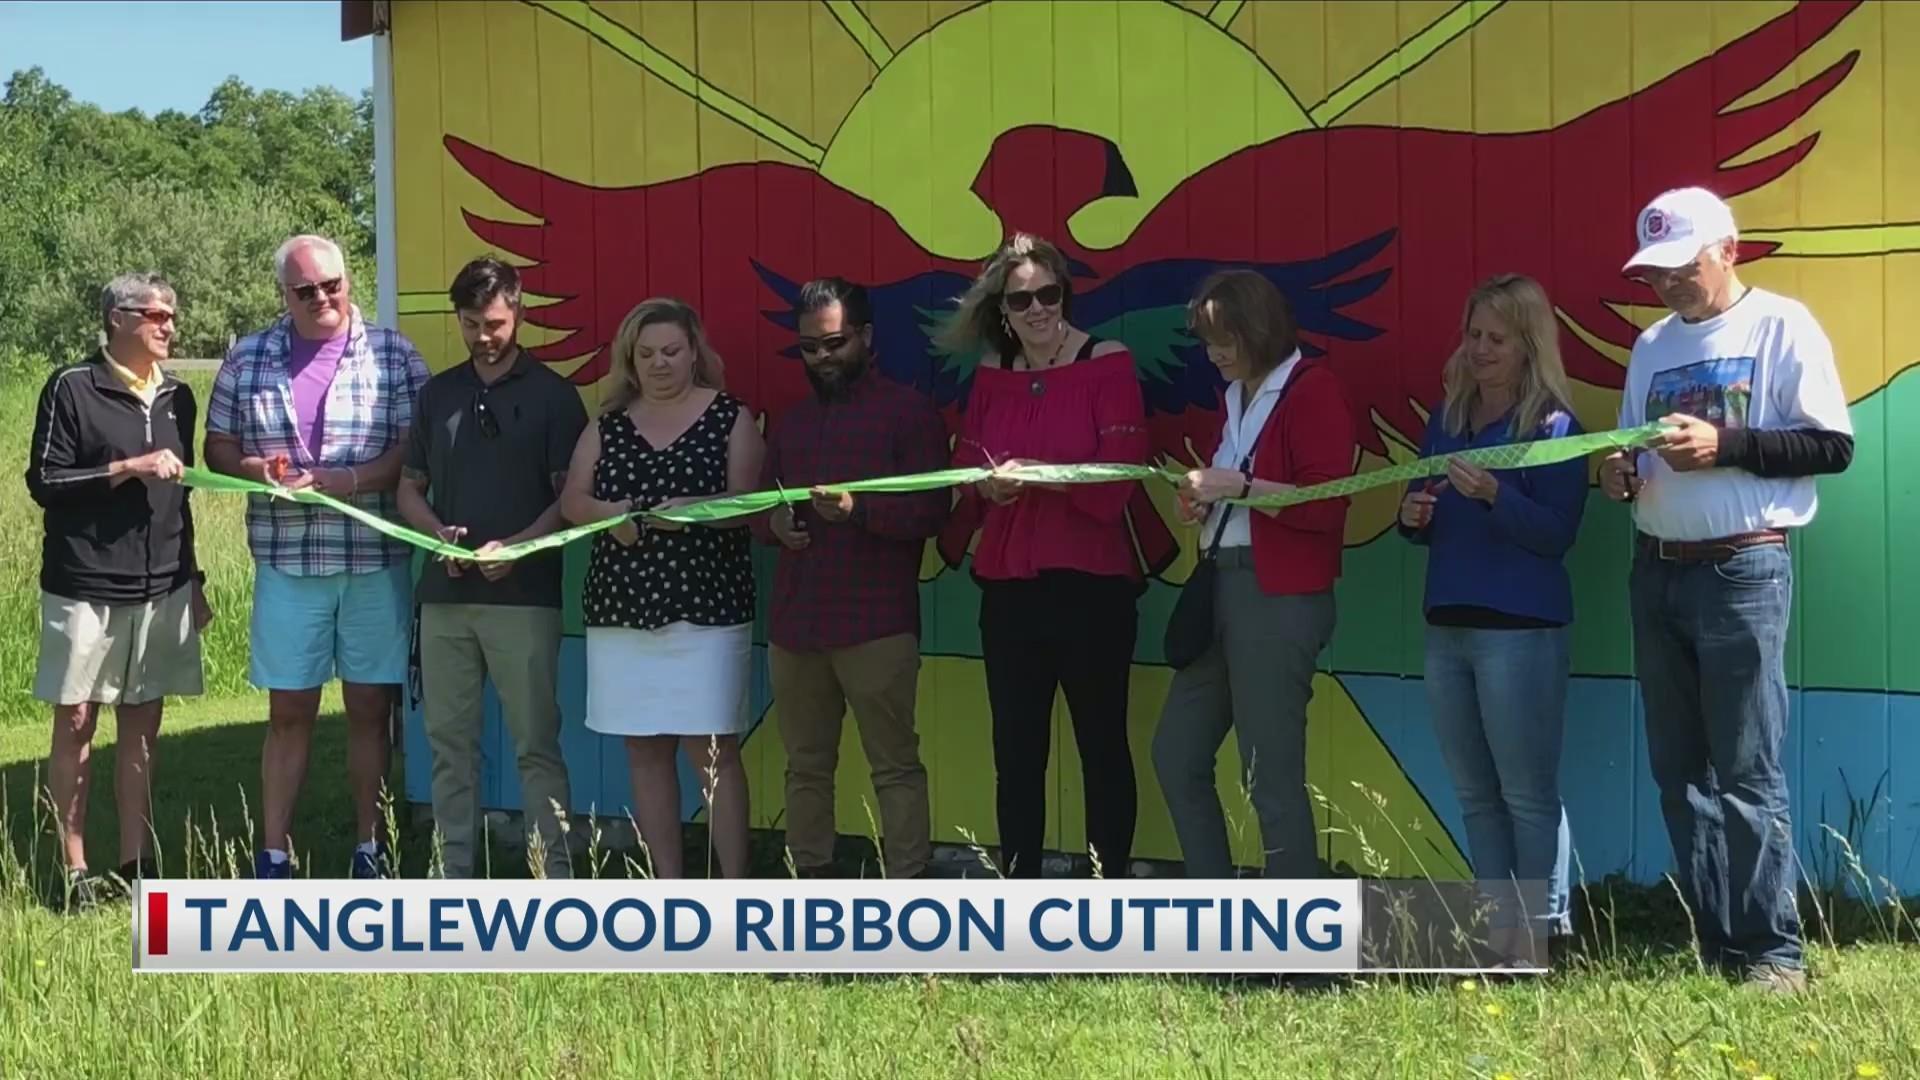 Tanglewood Ribbon Cutting